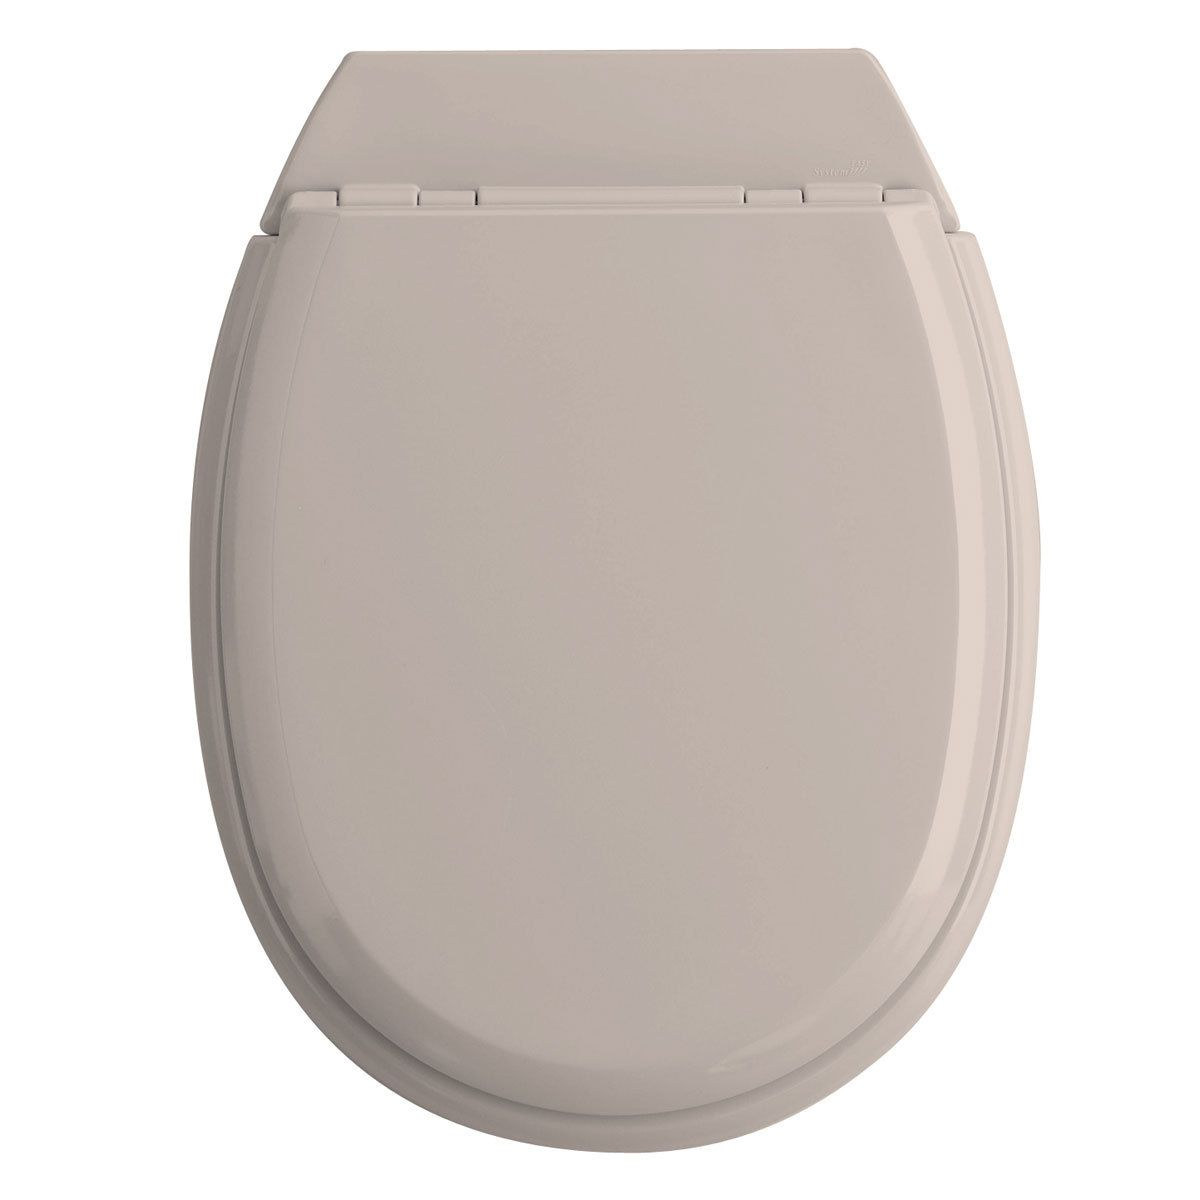 Abattant Wc Abattant De Toilette Atlas Taupe Clair Abattant De Toilette Atlas Taupe Clair Abattant Toilette Abattant Wc Et Ligne Maison